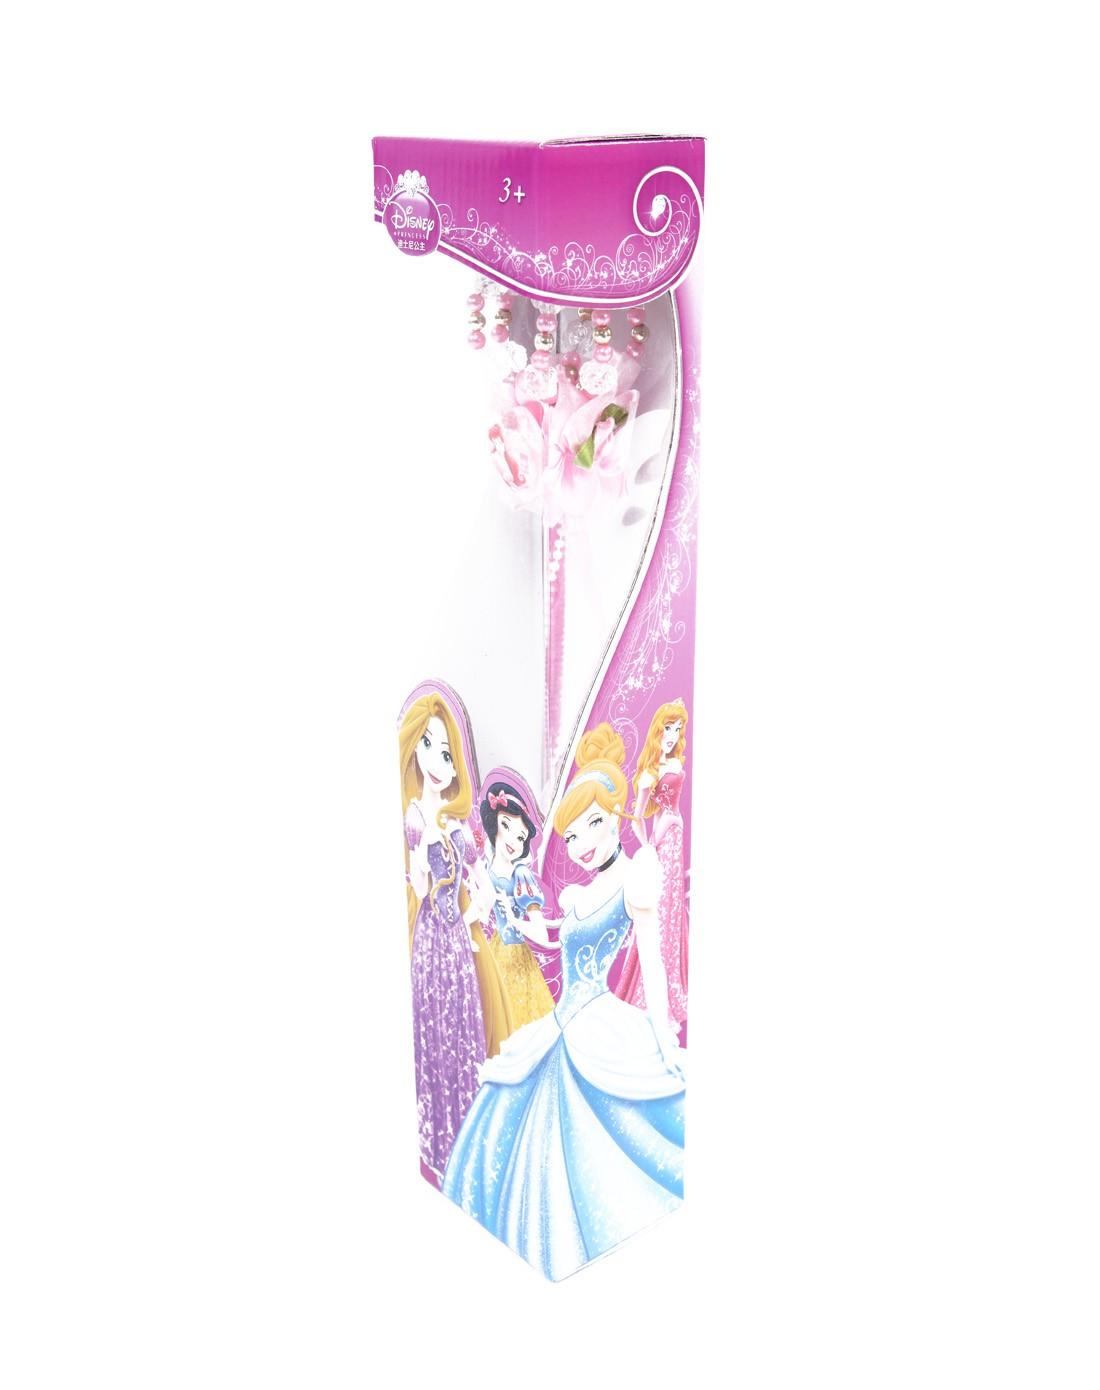 迪士尼公主系列之华丽礼服裙专场-美人鱼权杖